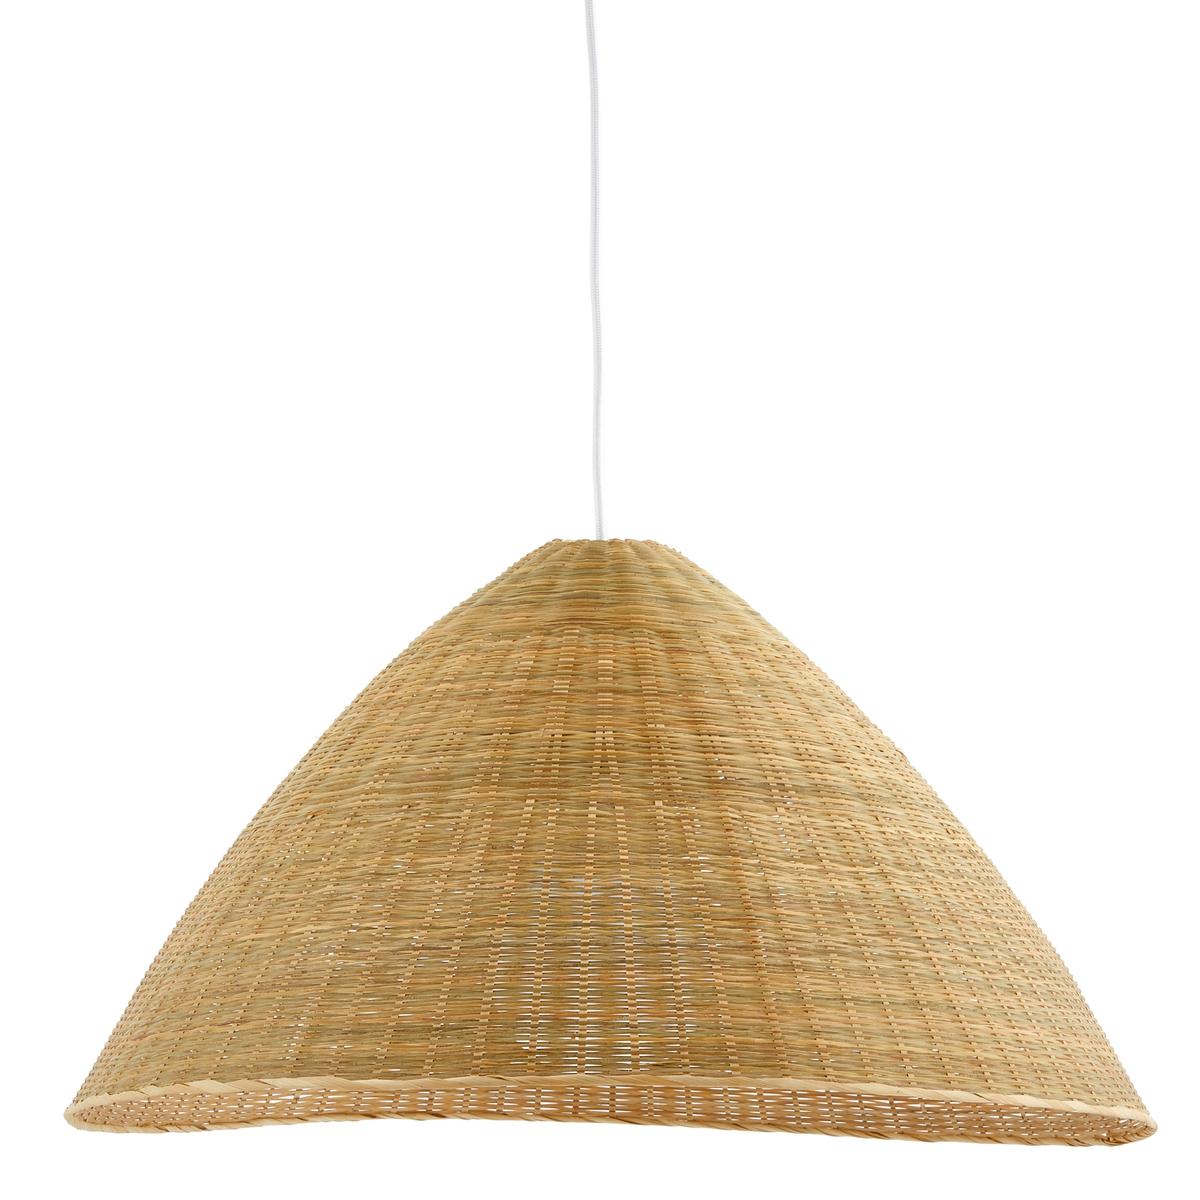 Светильник La Redoute Ручного производства из плетеного бамбука Nicina единый размер бежевый цена